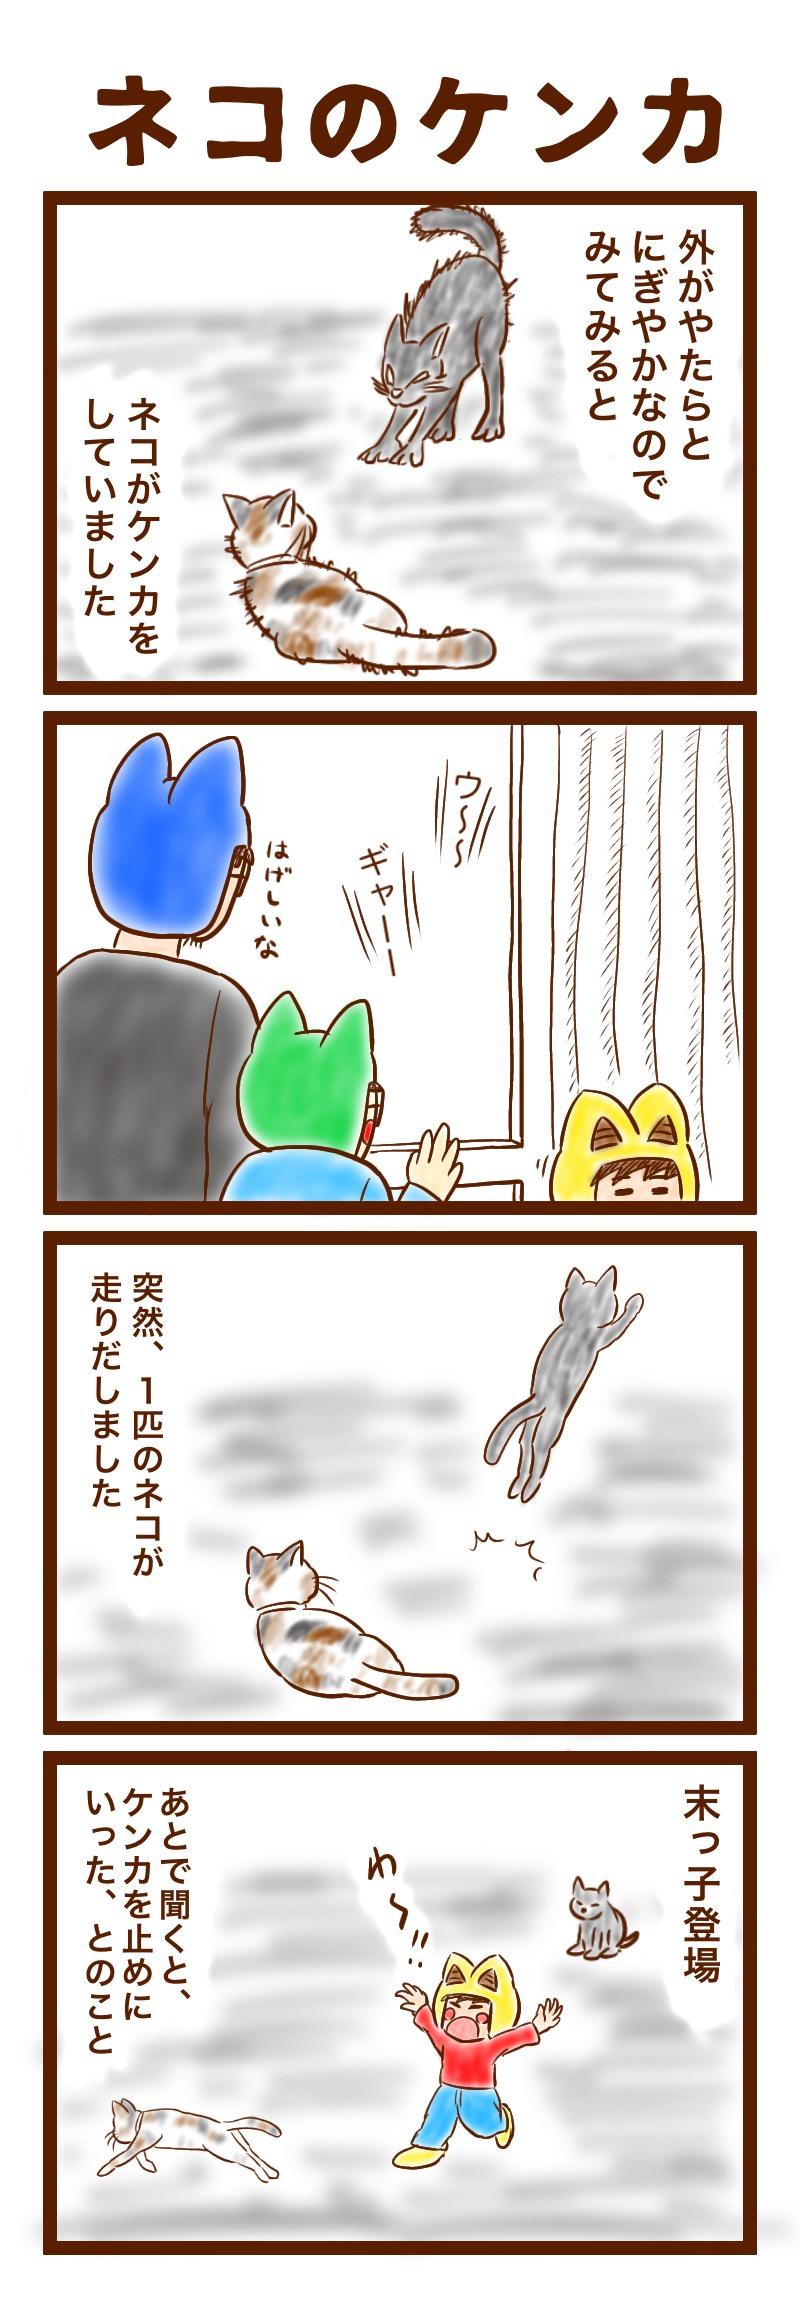 ネコのケンカ